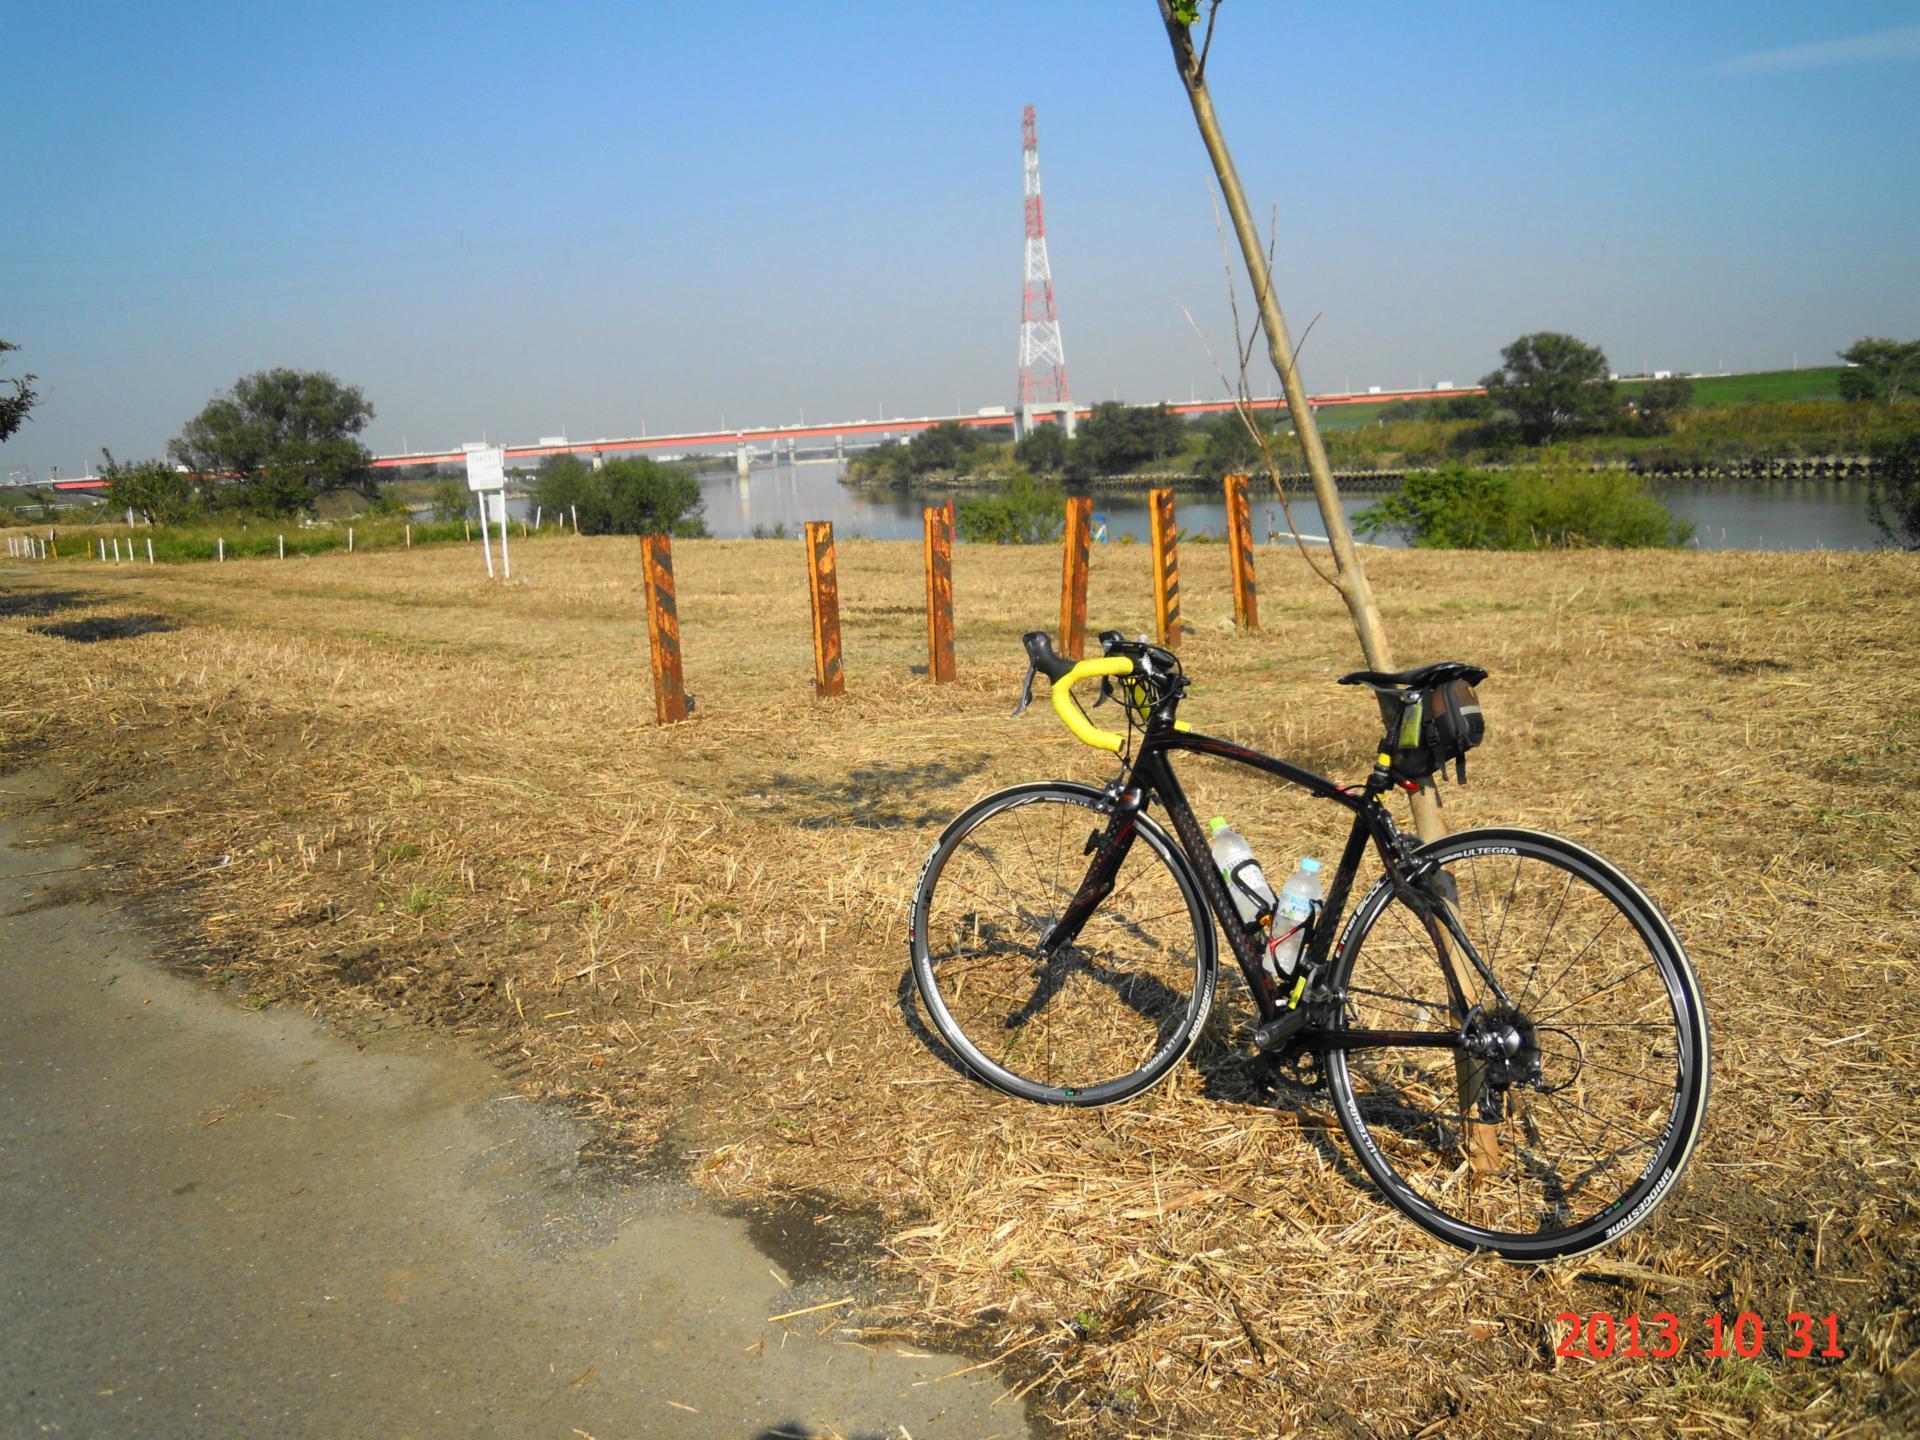 自転車の 自転車 ペダル 交換 外れない : ... 休日は自転車に乗って! y54akio